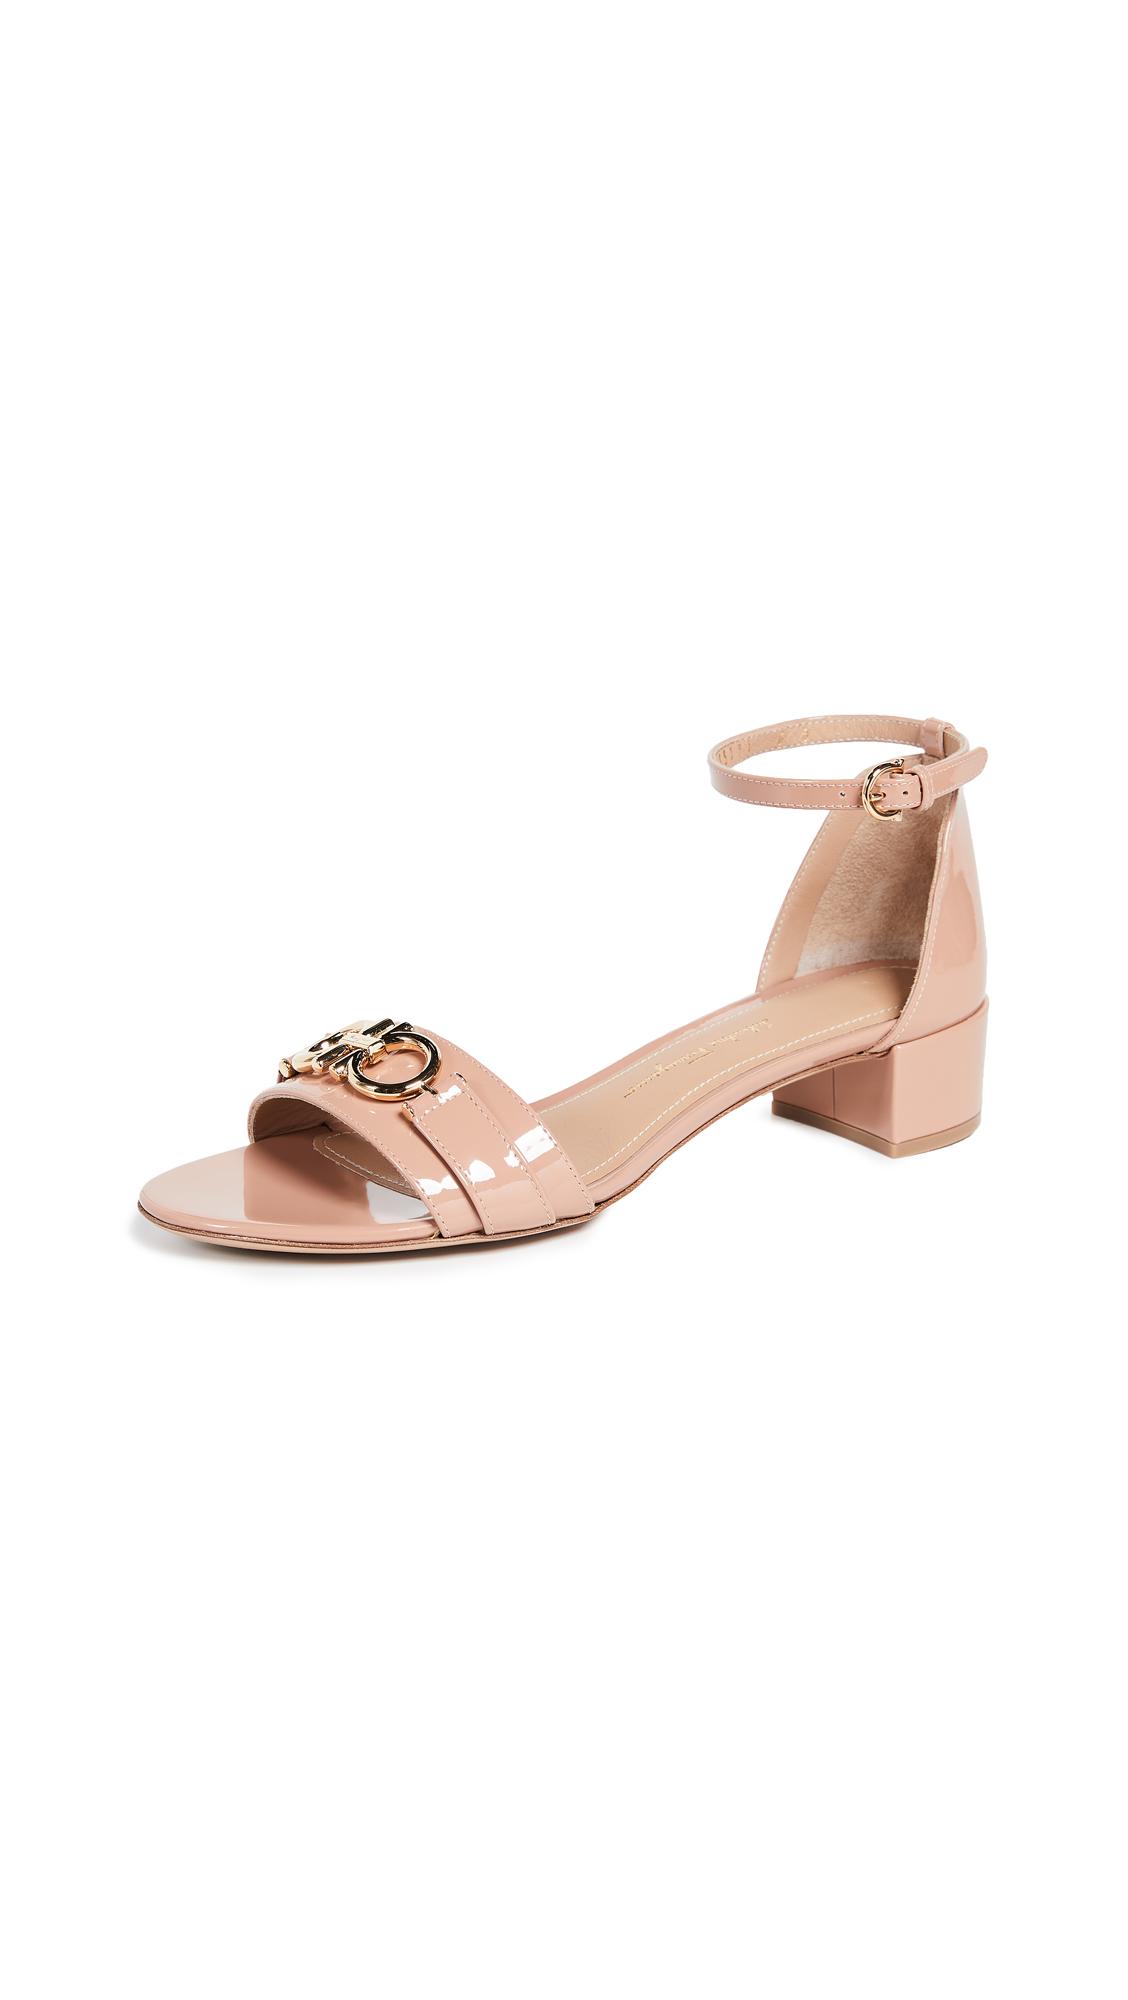 Salvatore Ferragamo Como 35mm Sandals